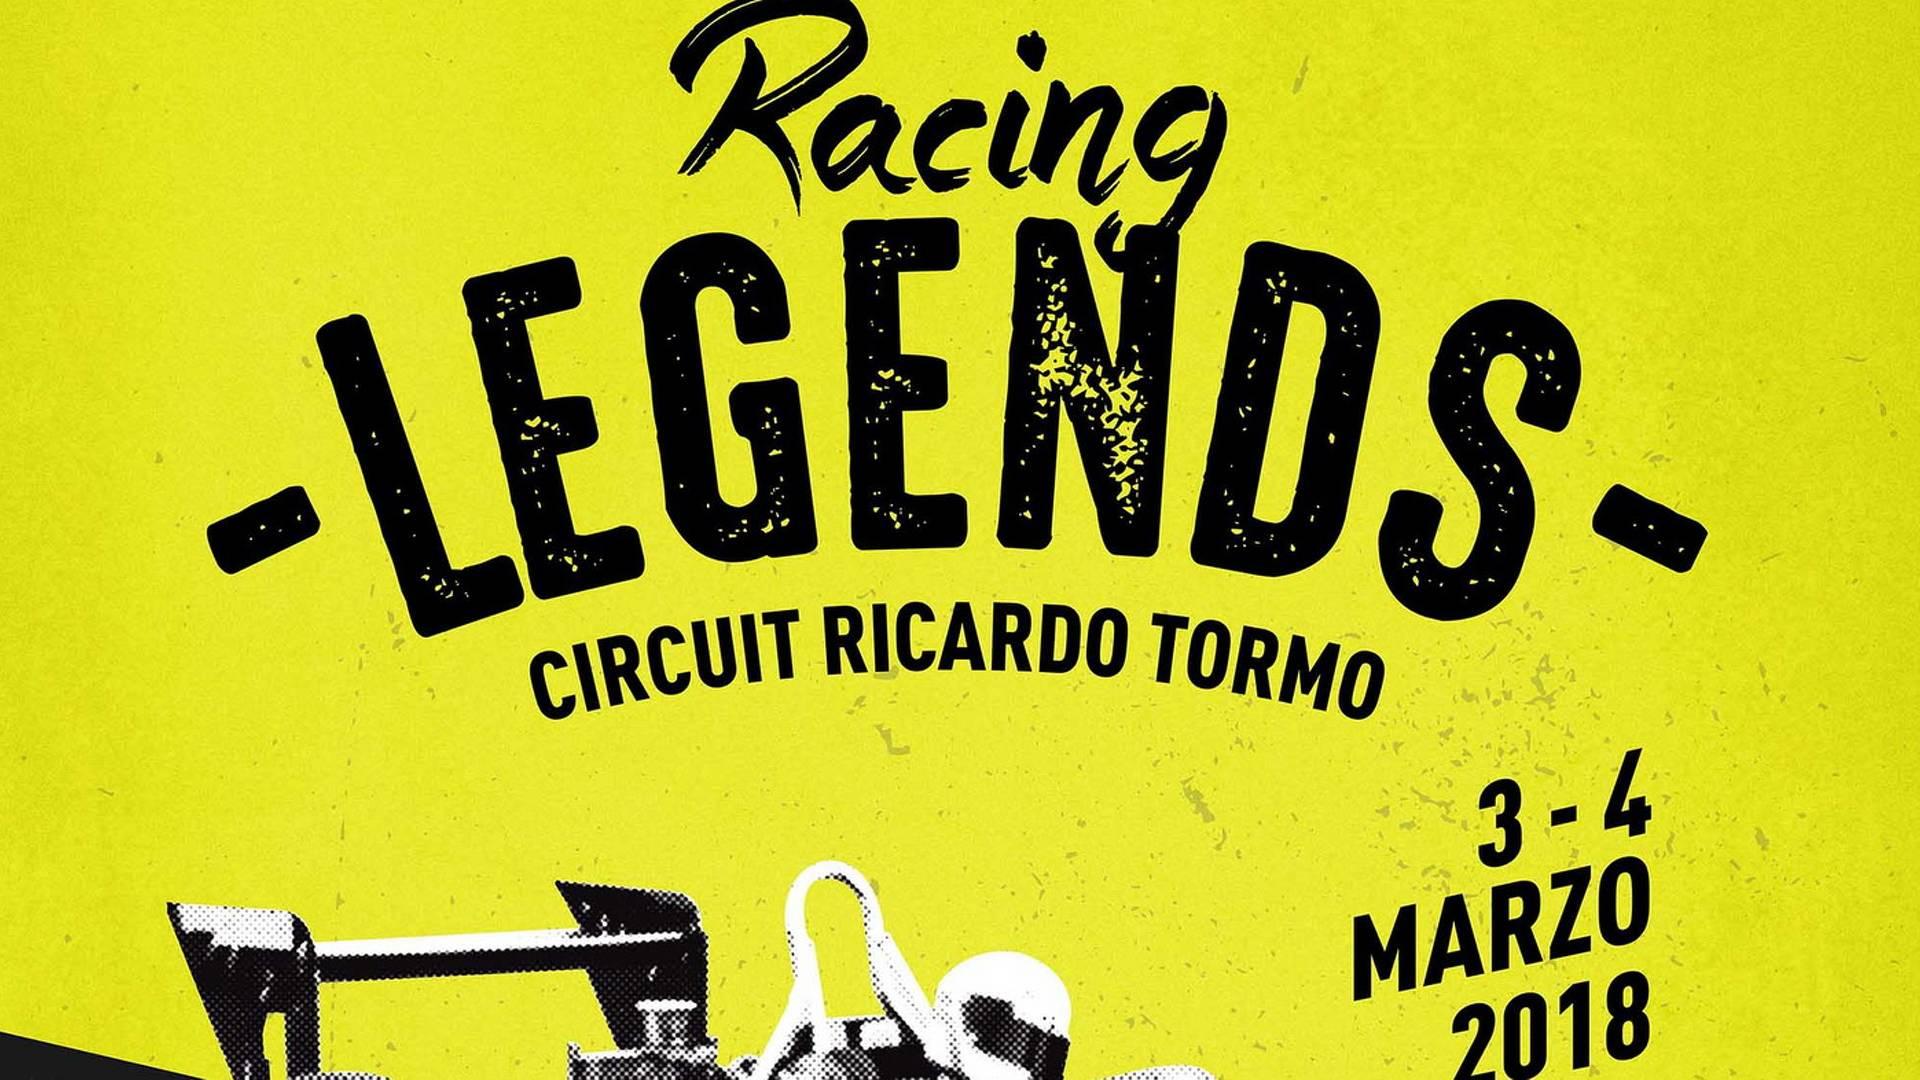 Circuito Ricardo Tormo : El circuit ricardo tormo celebra el racing legends